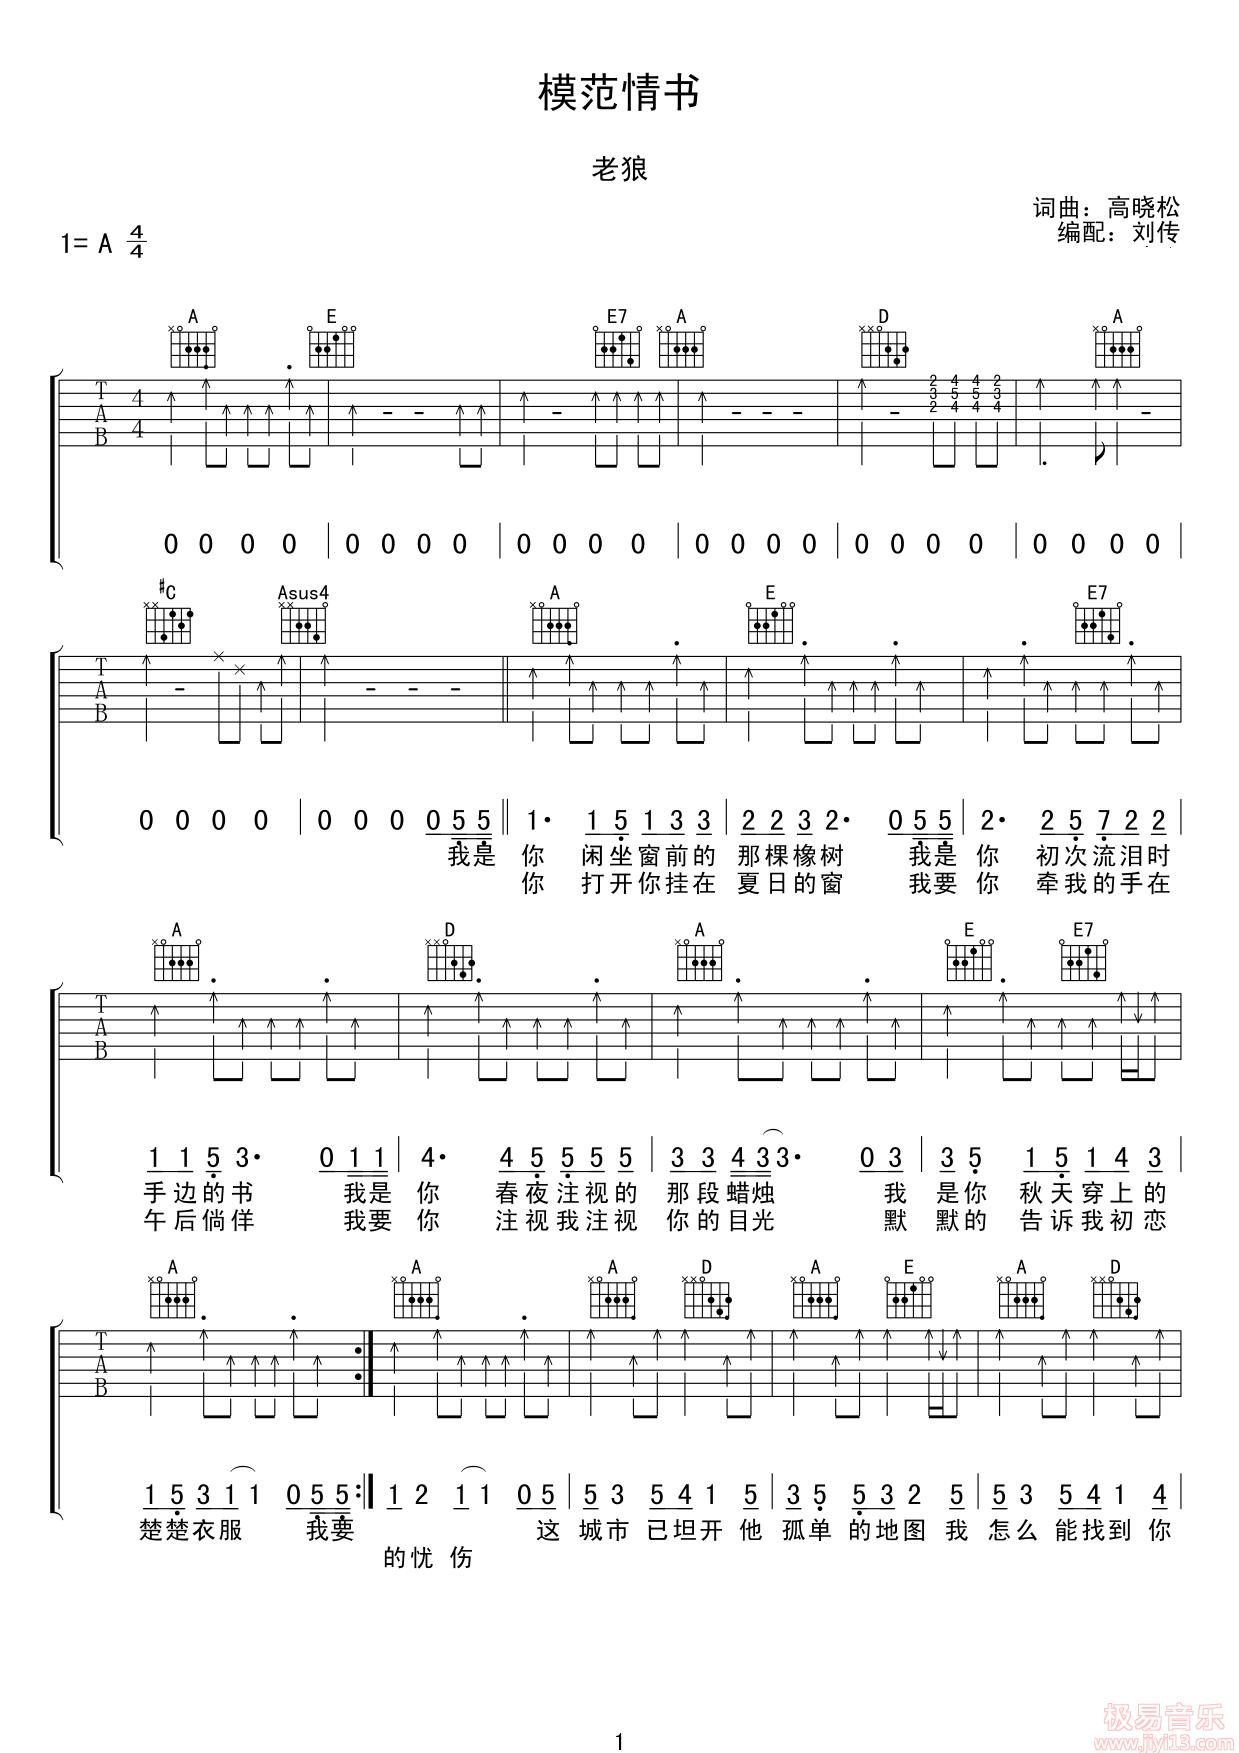 老狼《模范情书》高清吉他弹唱谱A调完美版原版编配+视频示范【两个版本】